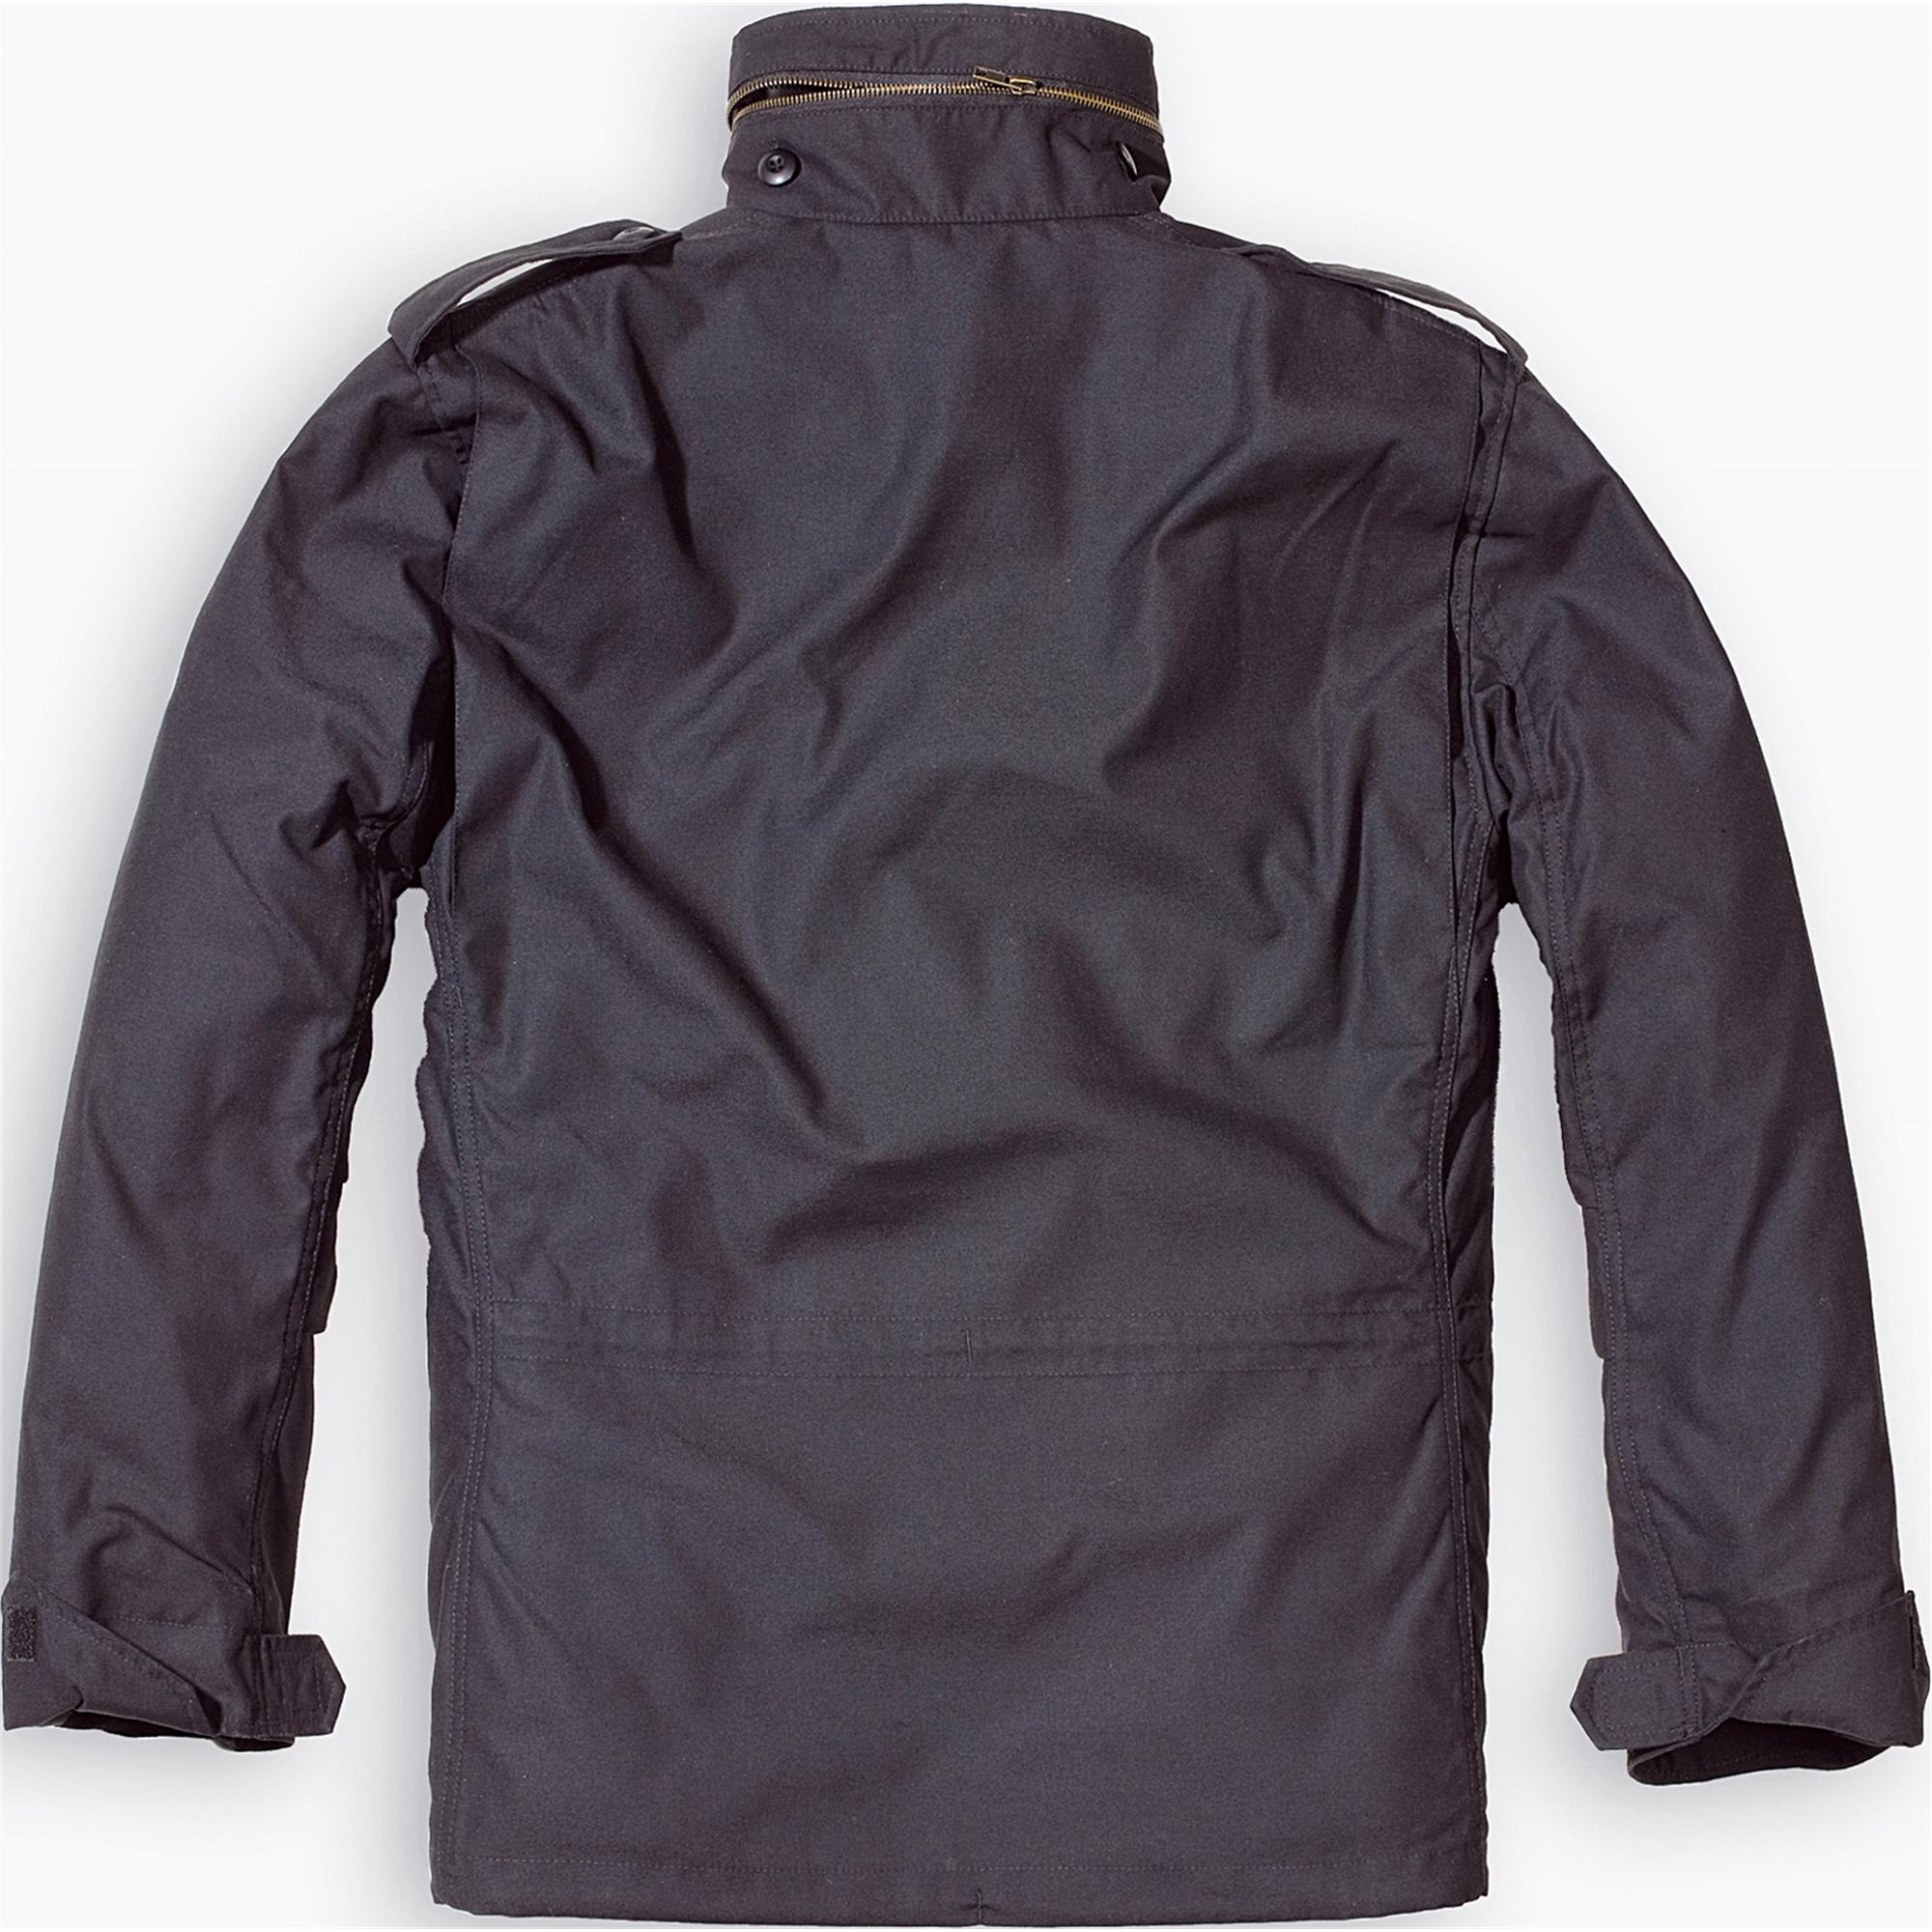 Brandit-M65-Standard-Feldjacke-Herren-2in1-Jacke-Winterjacke-US-Parka-mit-Futter Indexbild 8